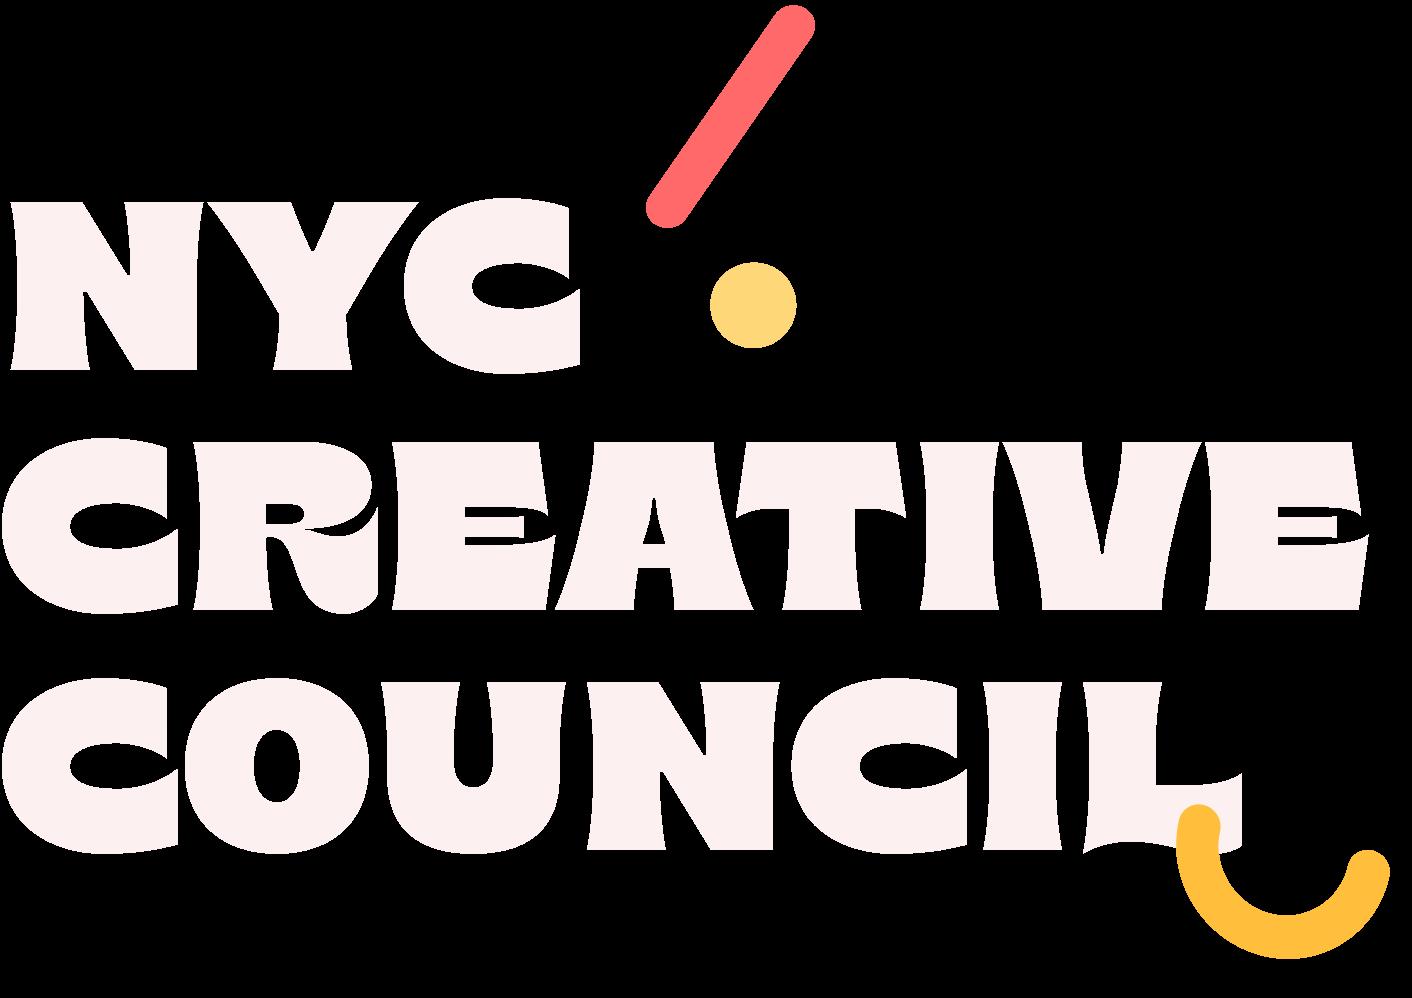 NYC Creative Council text